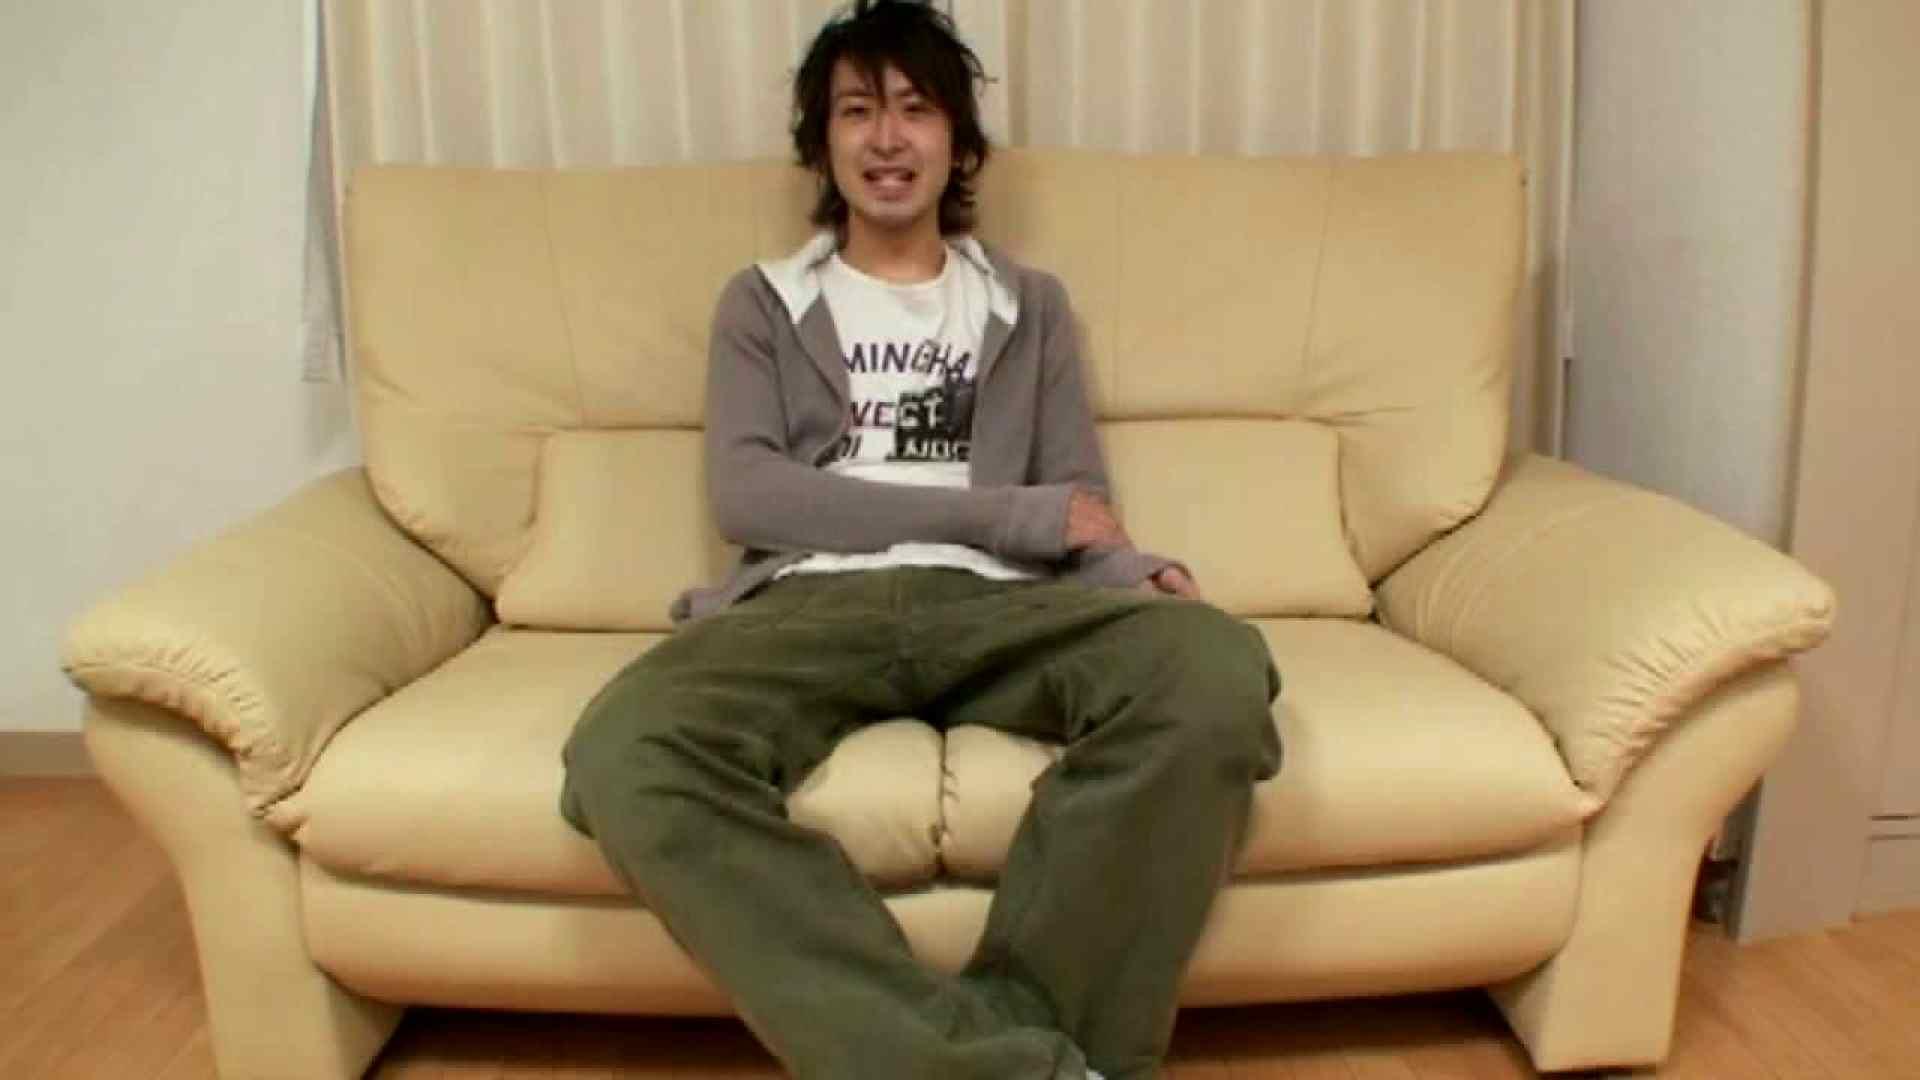 ノンケ!自慰スタジオ No.21 ローター ゲイ無修正動画画像 107pic 29